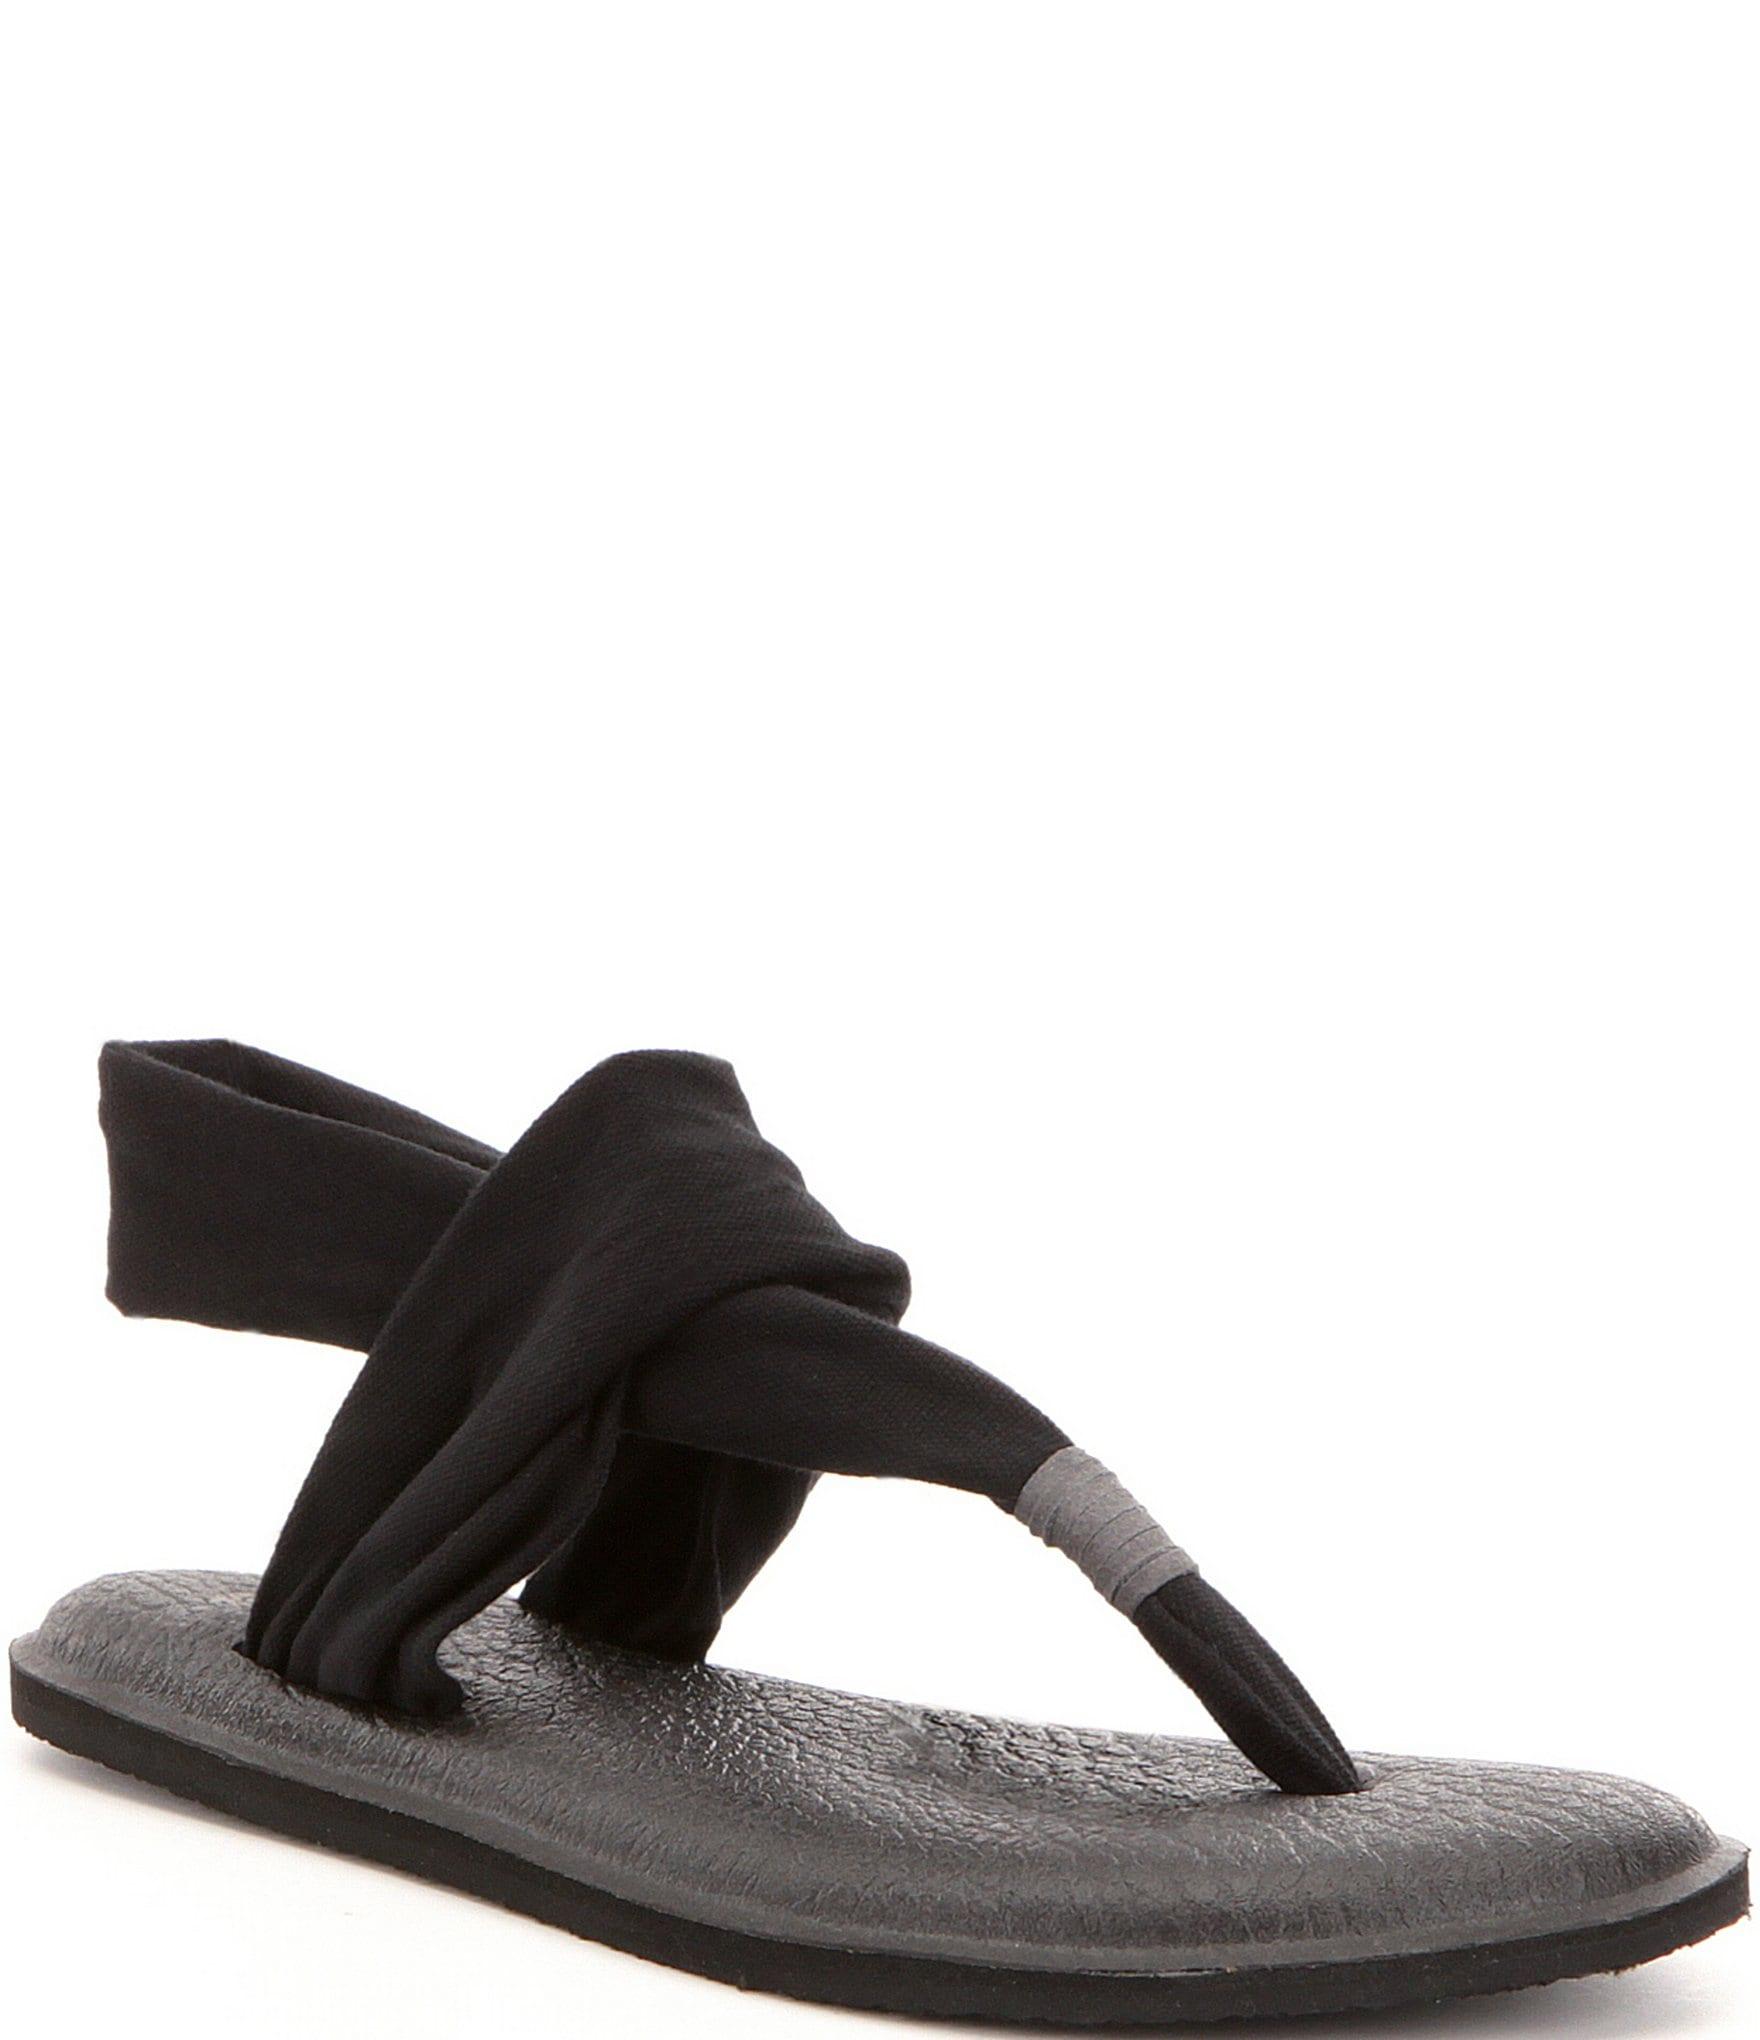 06ebbe48c5eb Sanuk Yoga Sling Sandals